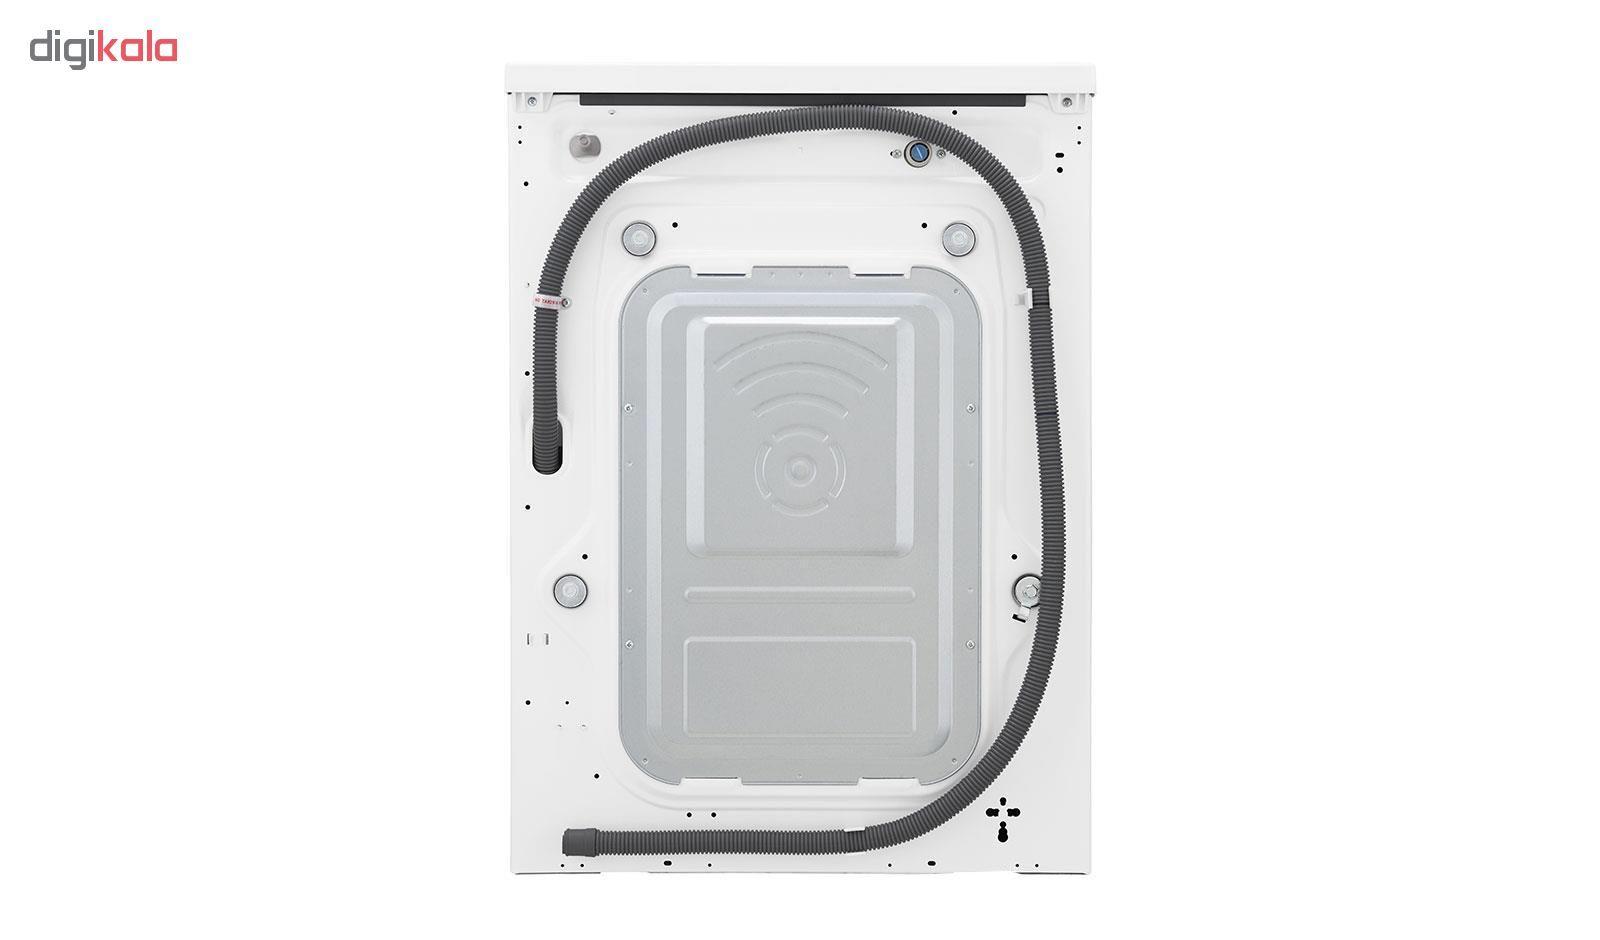 ماشین لباسشویی ال جی مدل WM-821NW ظرفیت 8 کیلوگرم main 1 10